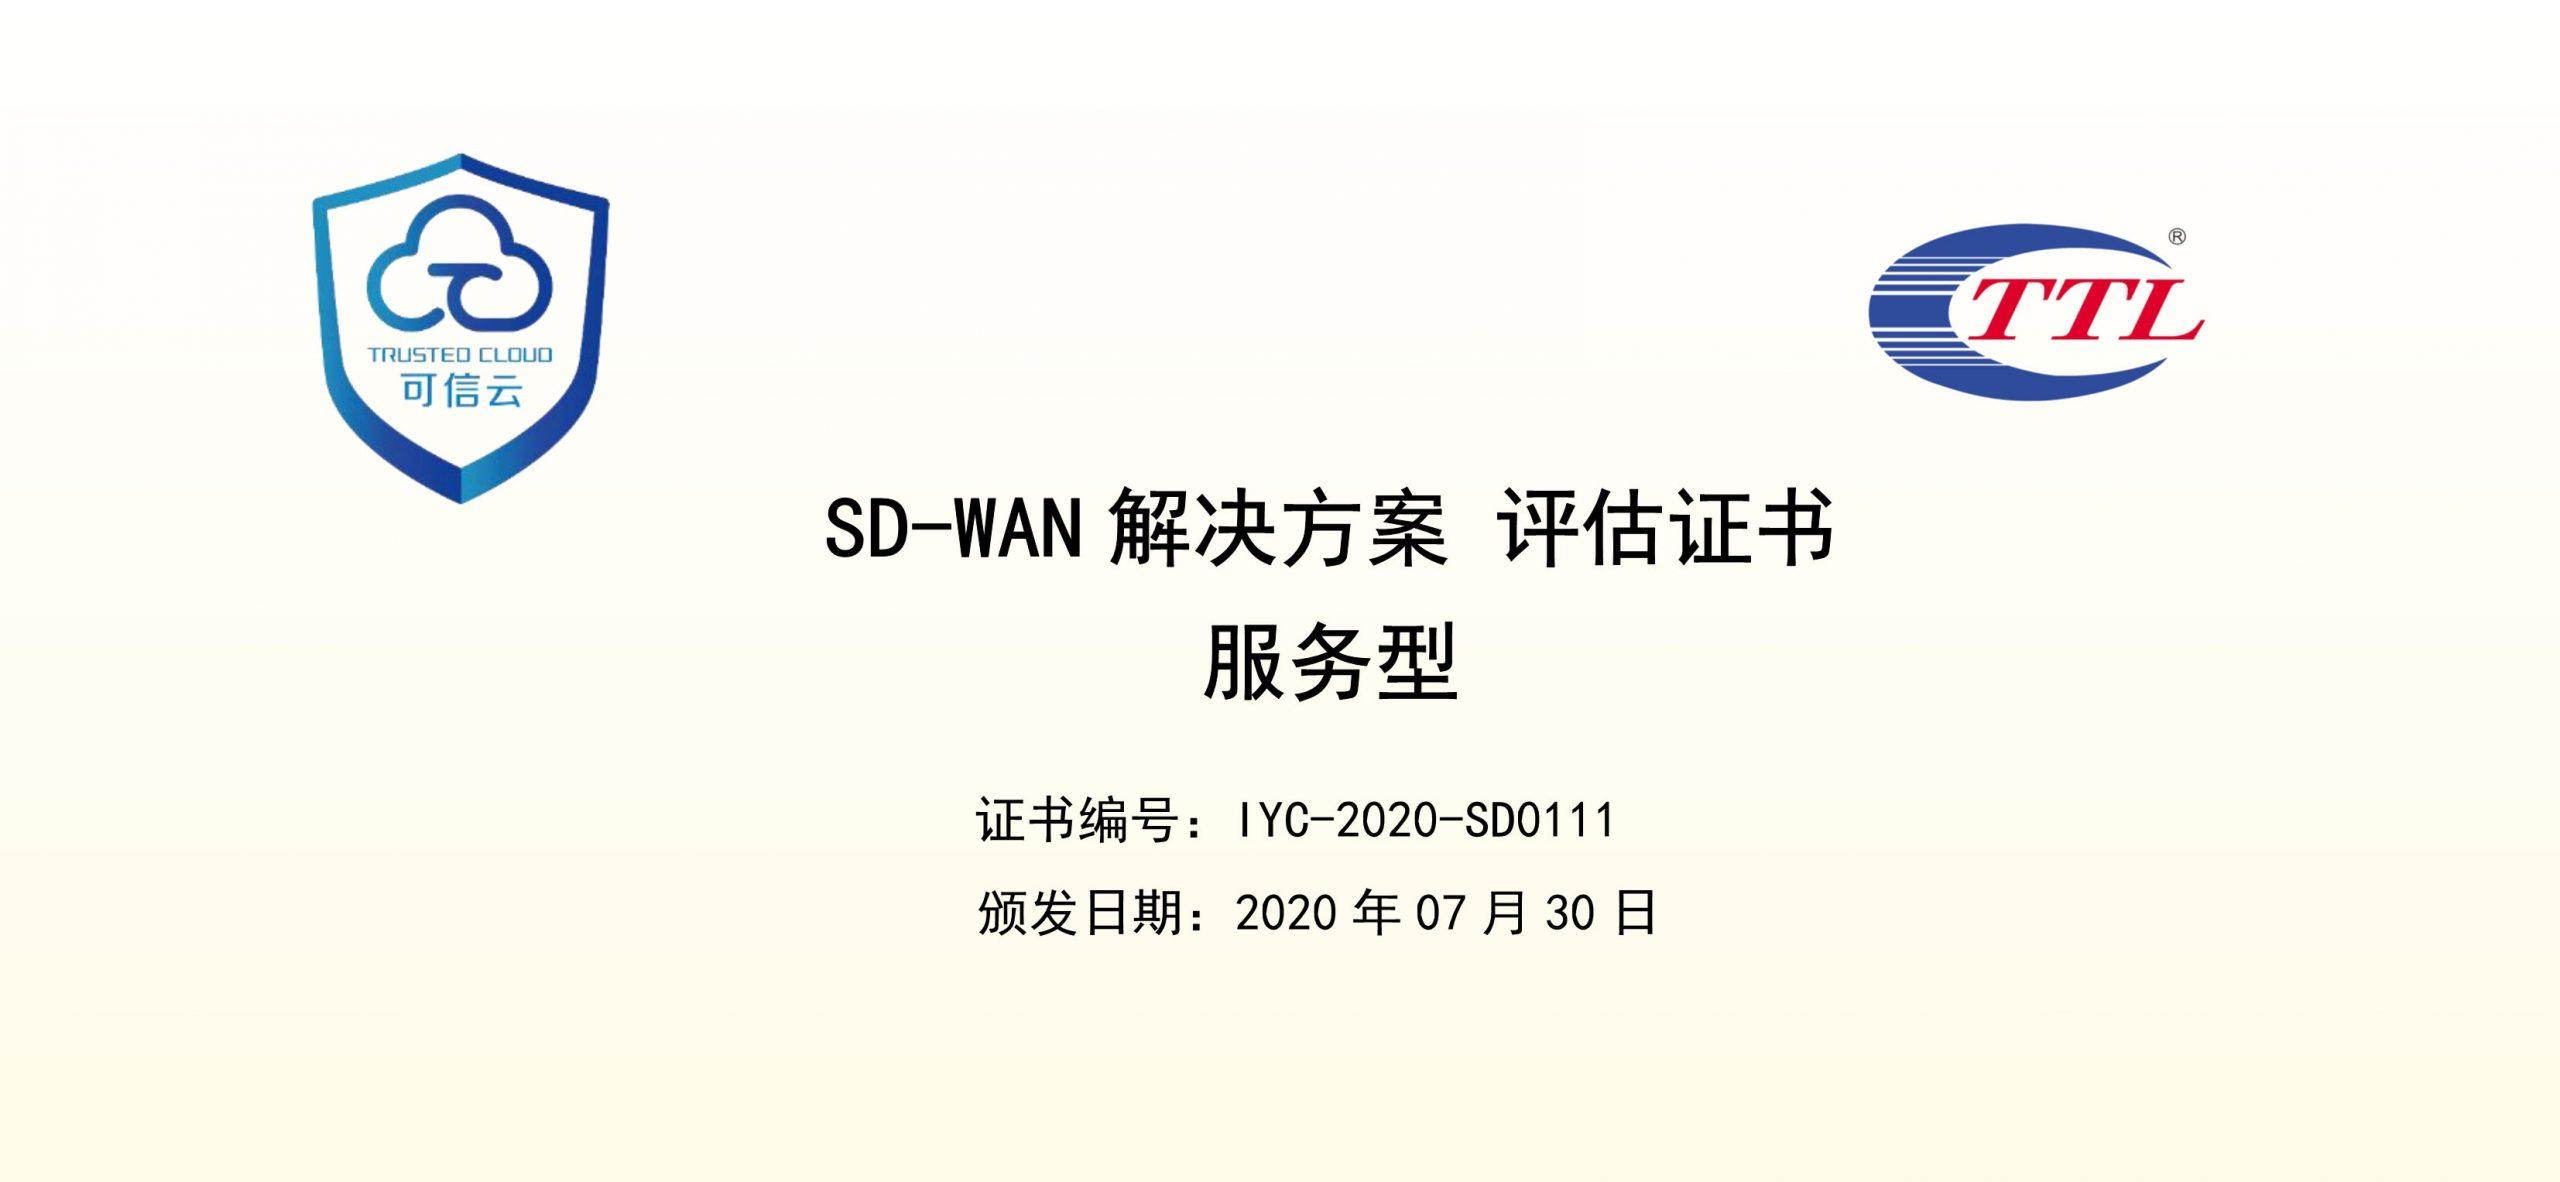 网宿科技获可信云SD-WAN认证 为用户提供更加安全的数字化体验